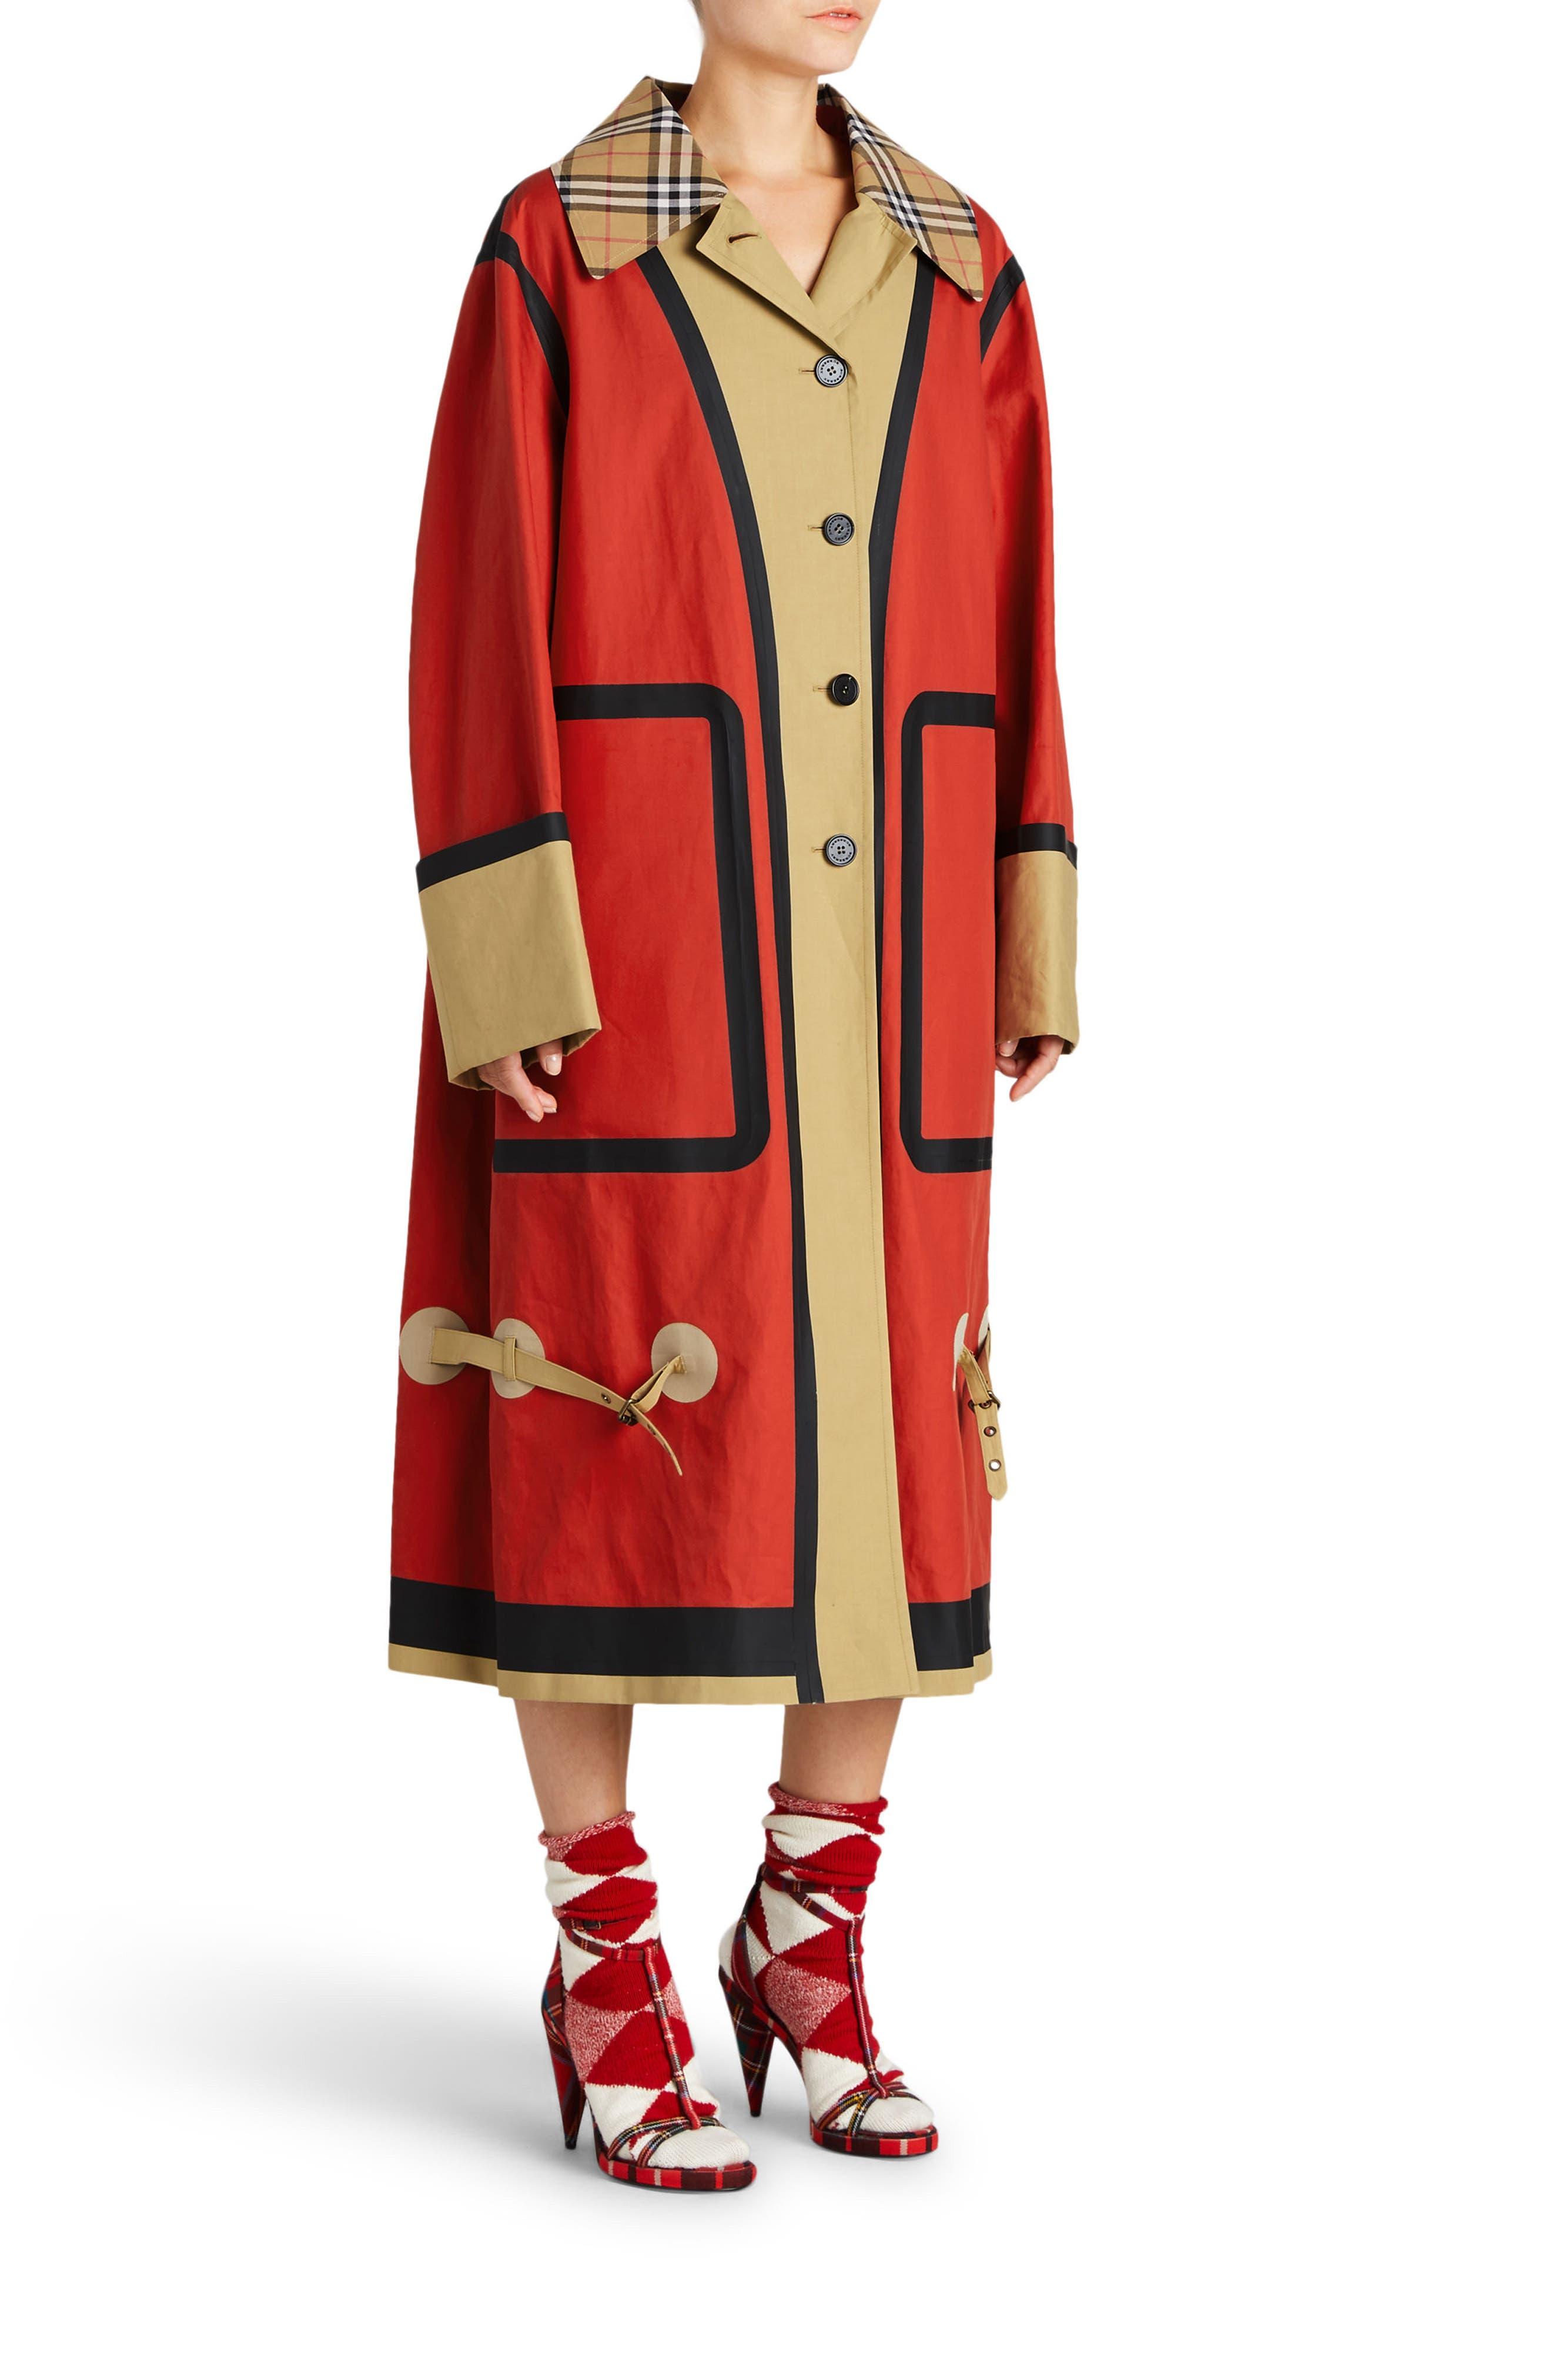 BURBERRY, Colorblock Cotton Car Coat, Alternate thumbnail 3, color, 600